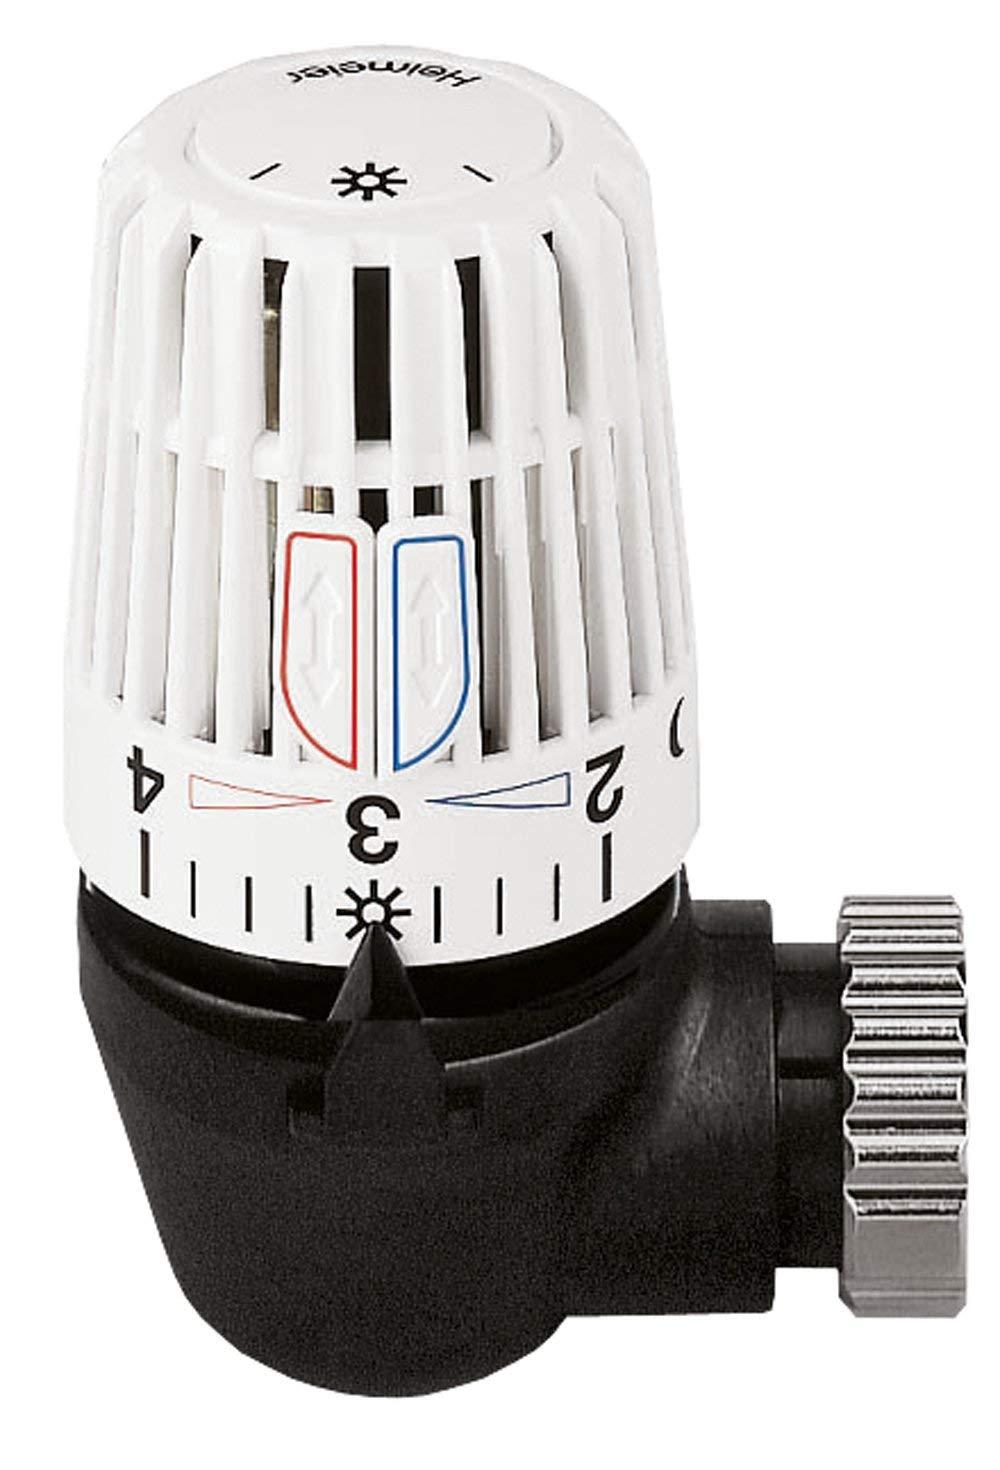 Buderus//Heimeier T/ête thermostatique WK 7300-00.500T/ête Capteur fixe Angle forme M30X 1,5